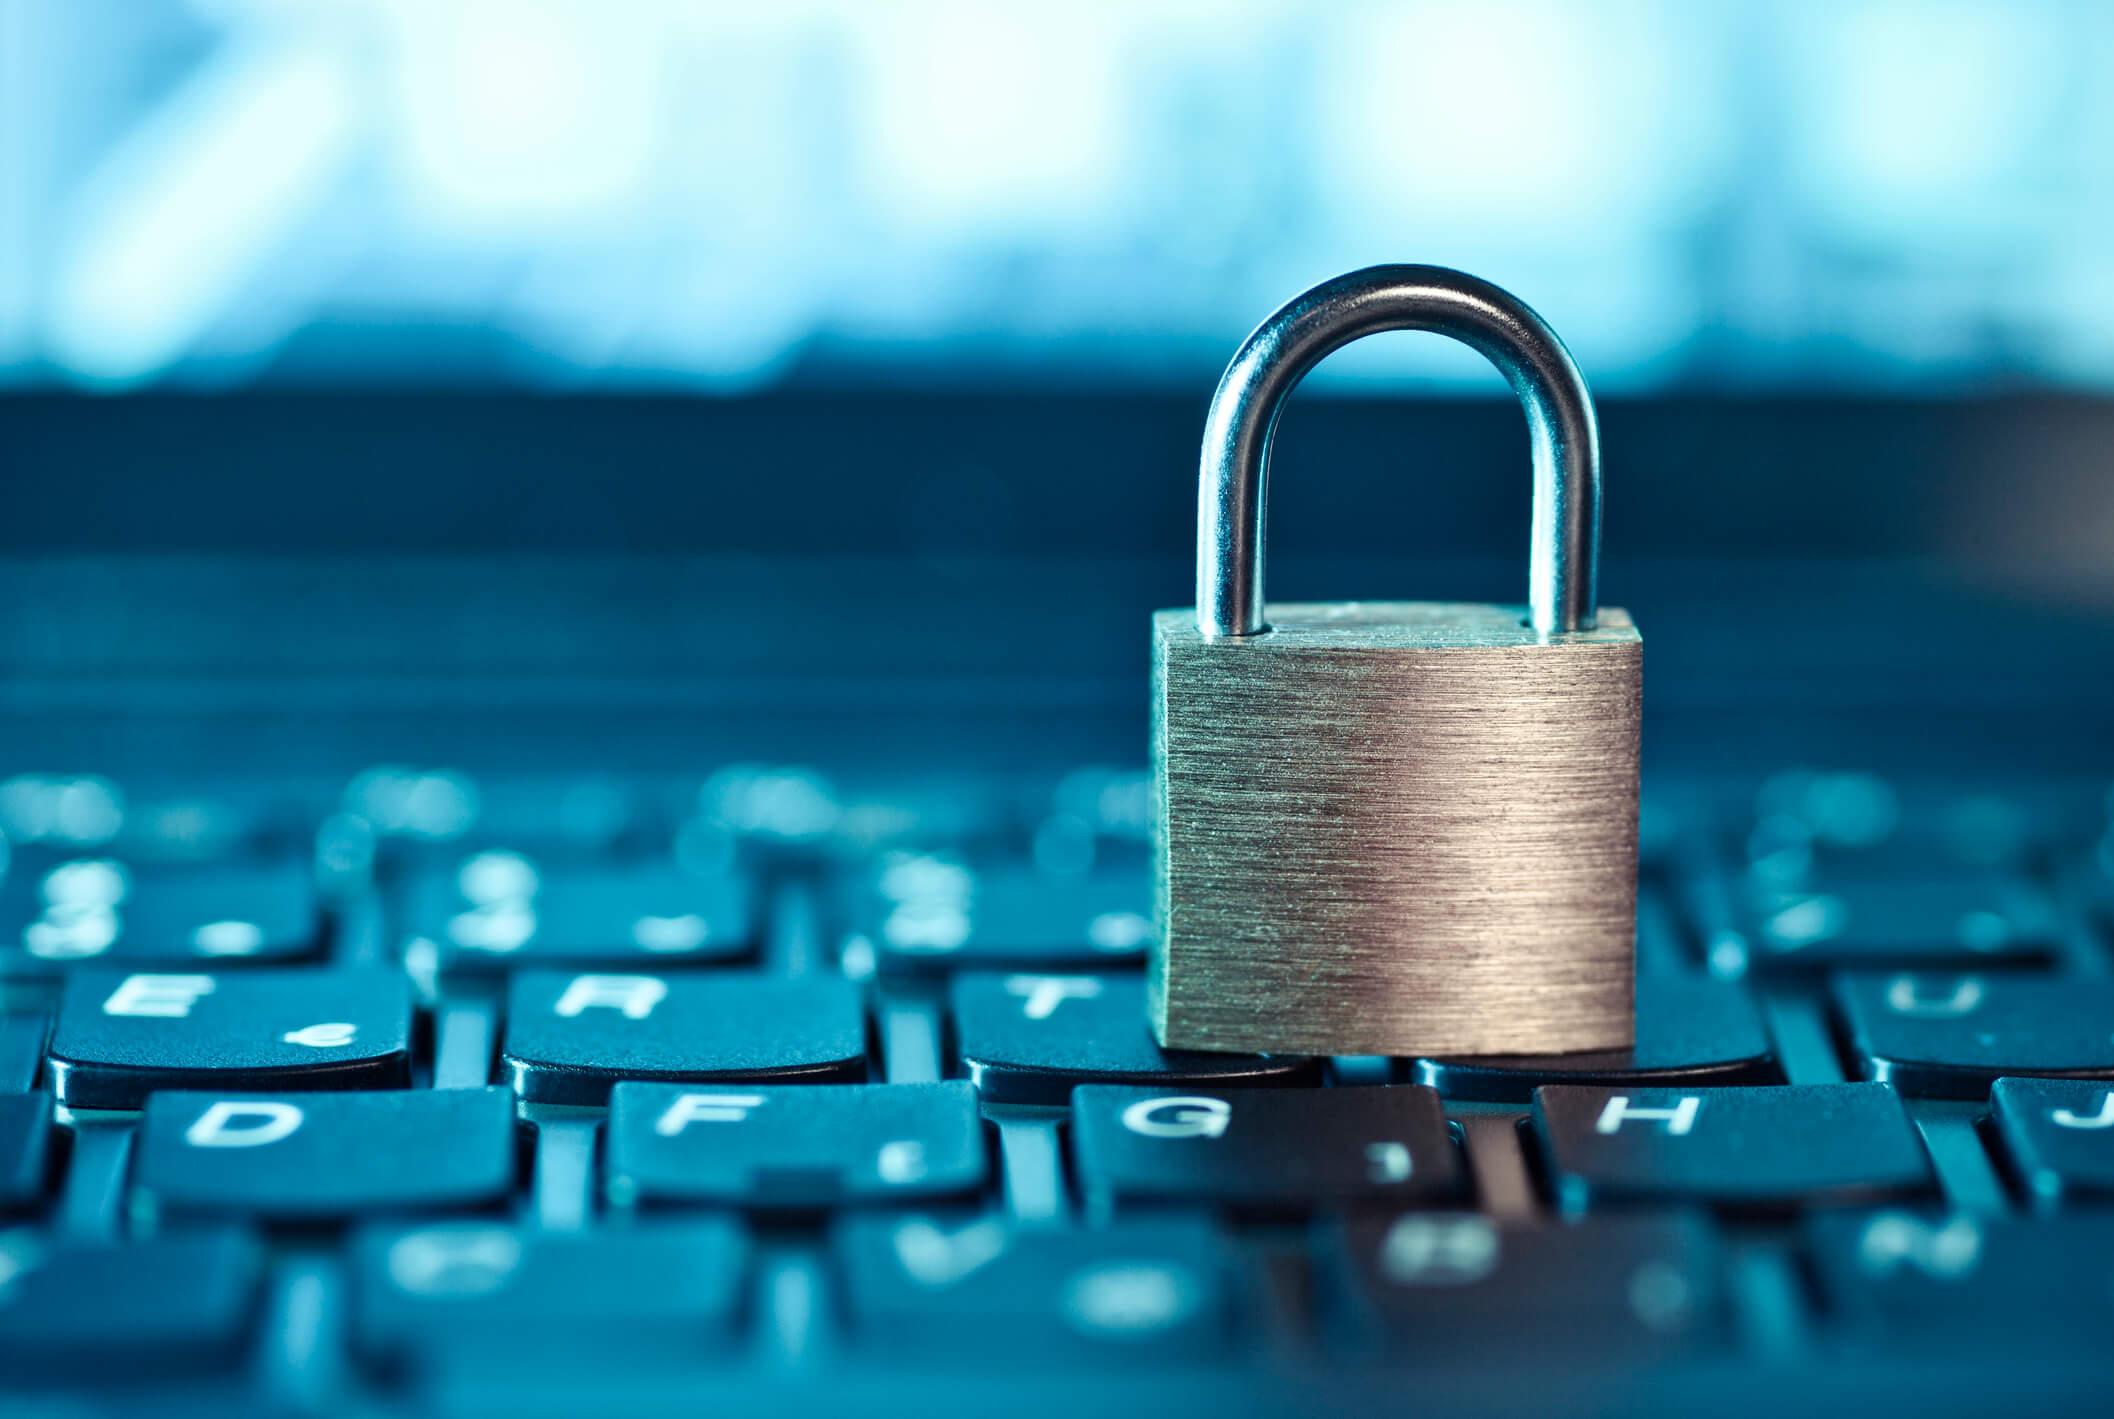 Como garantir a segurança de dados na Internet? Veja essas 9 dicas!